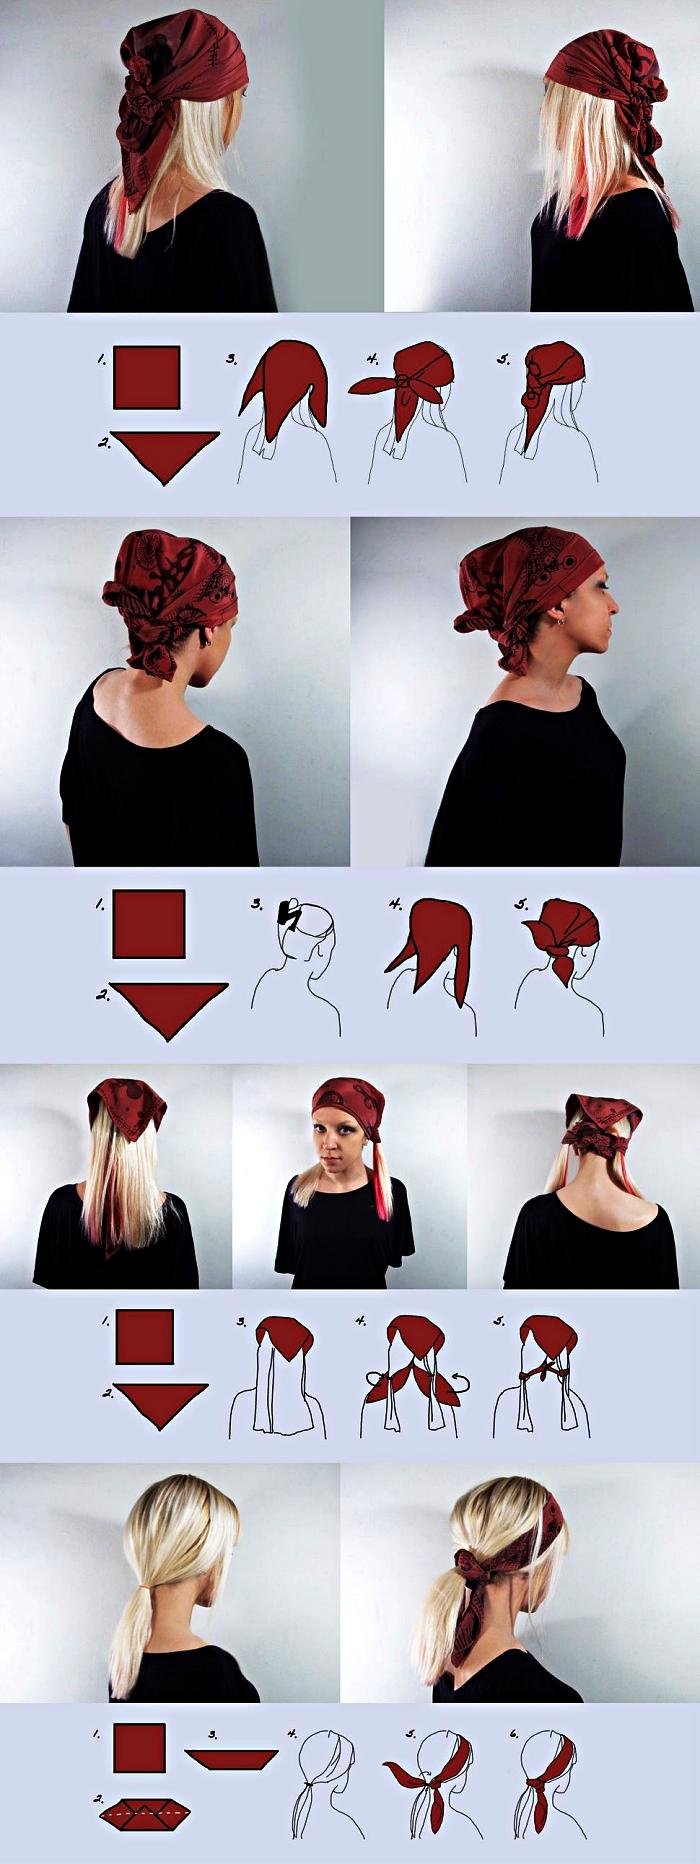 idée de coiffure de pirate avec foulard, tuto pour nouer son foulard de pirate, déguisement pirate femme avec foulard rouge